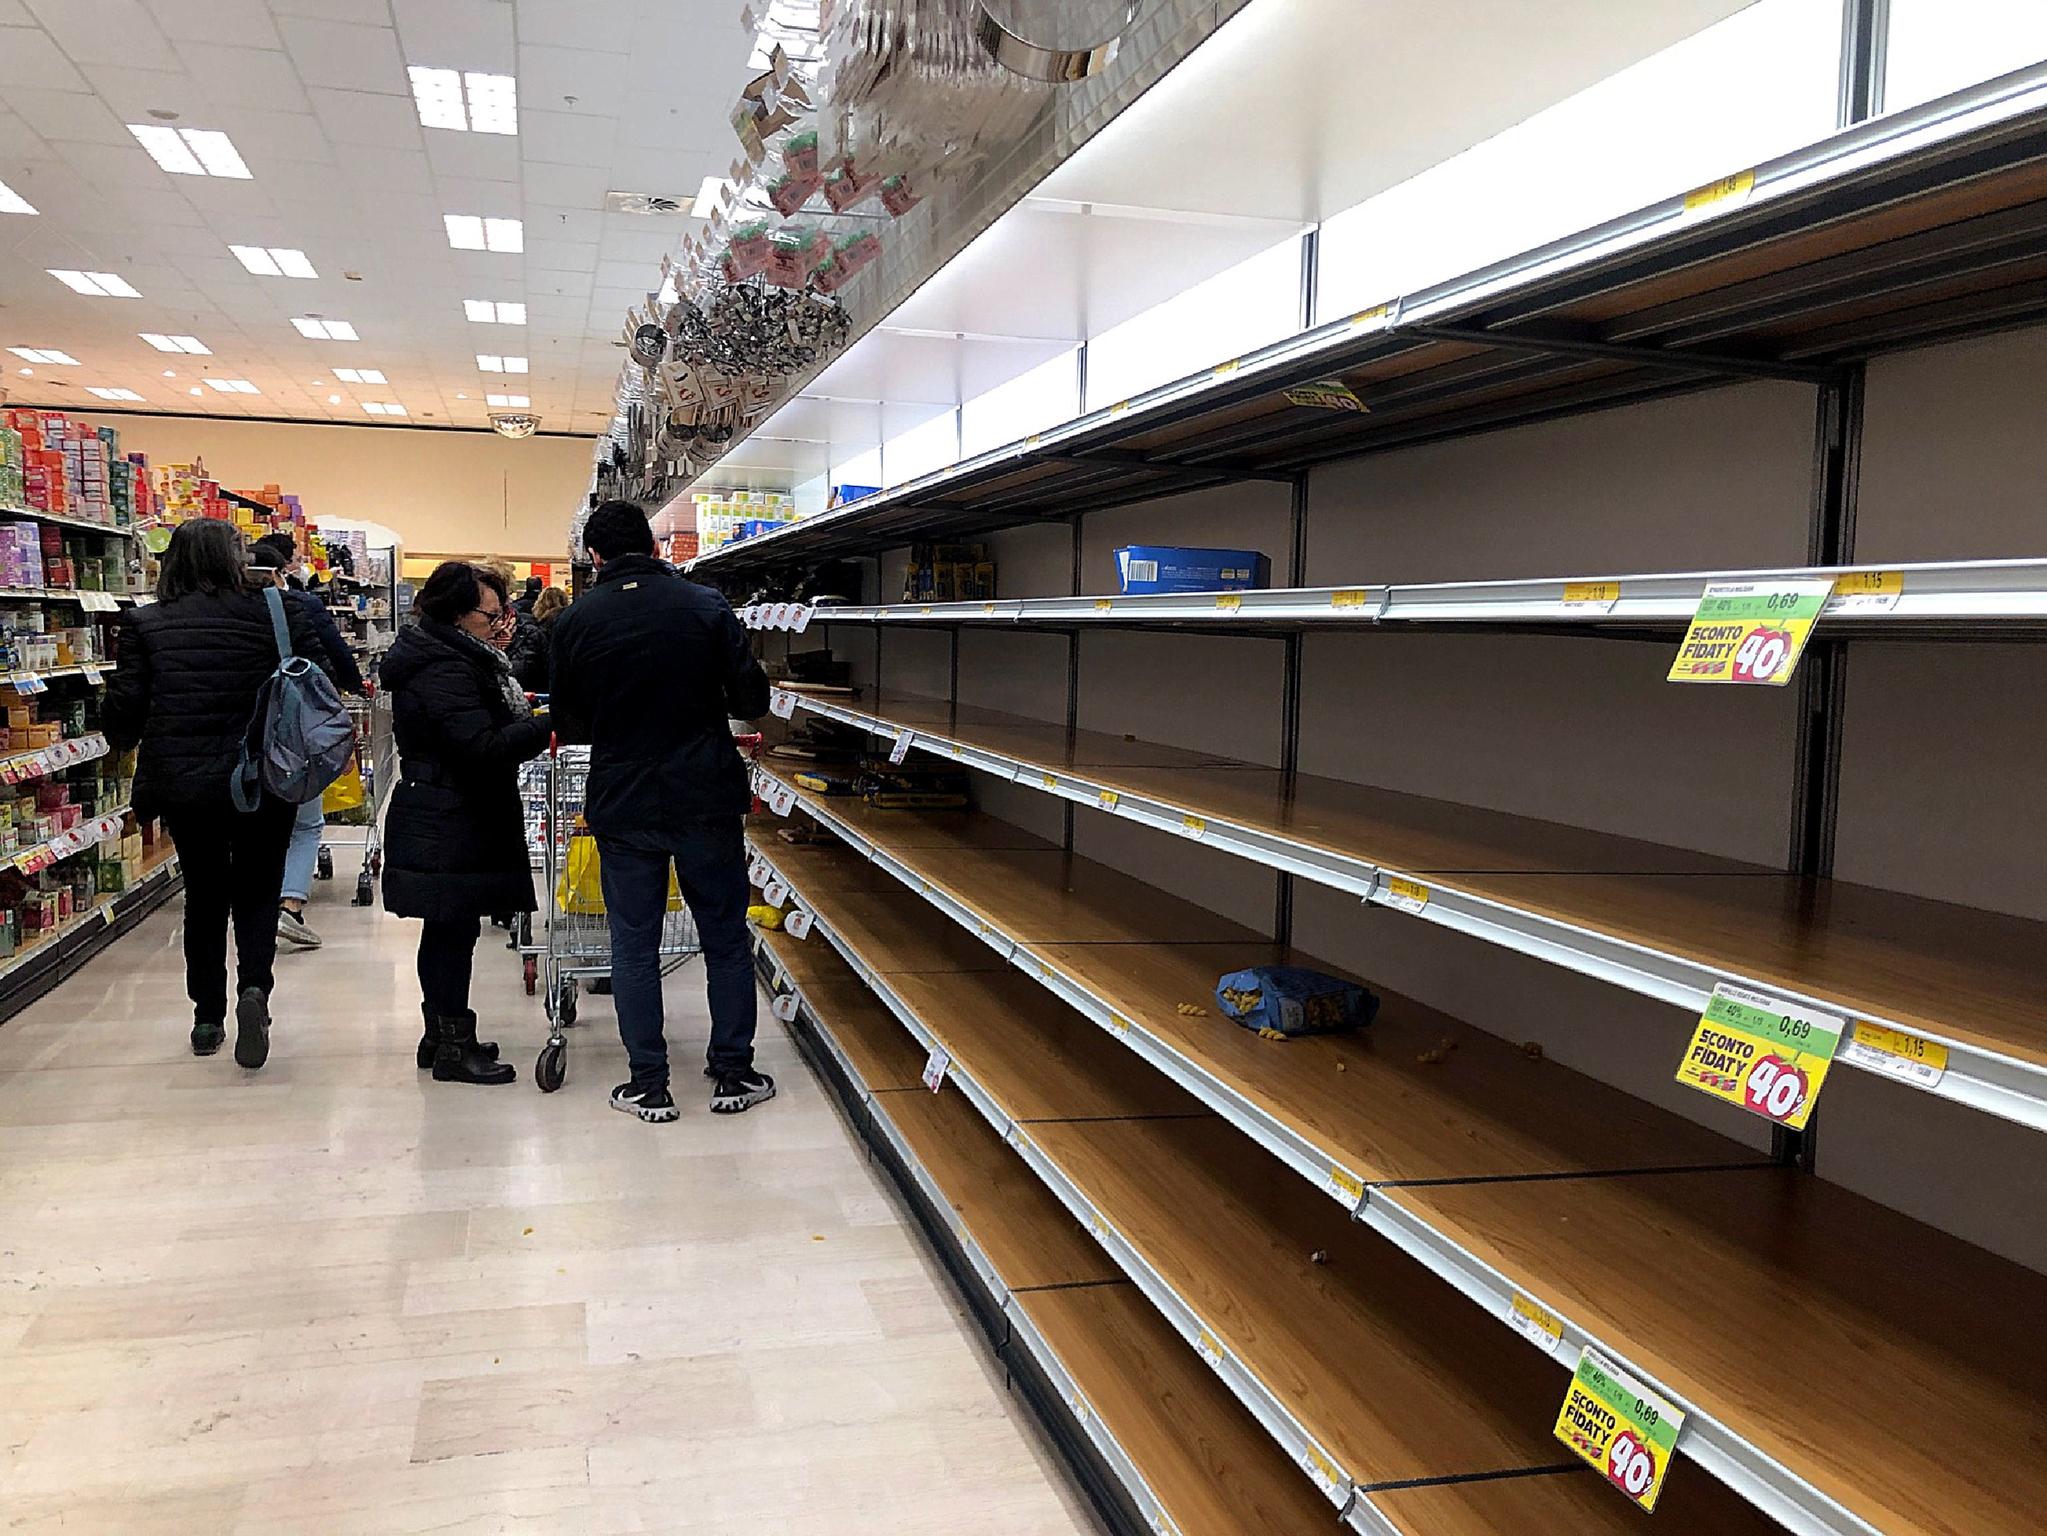 23일(현지시간) 코로나19로 인한 주민들의 생필품 사재기로 이탈리아 밀라노의 한 슈퍼마켓 진열대가 텅비어 있다. [EPA=연합뉴스]